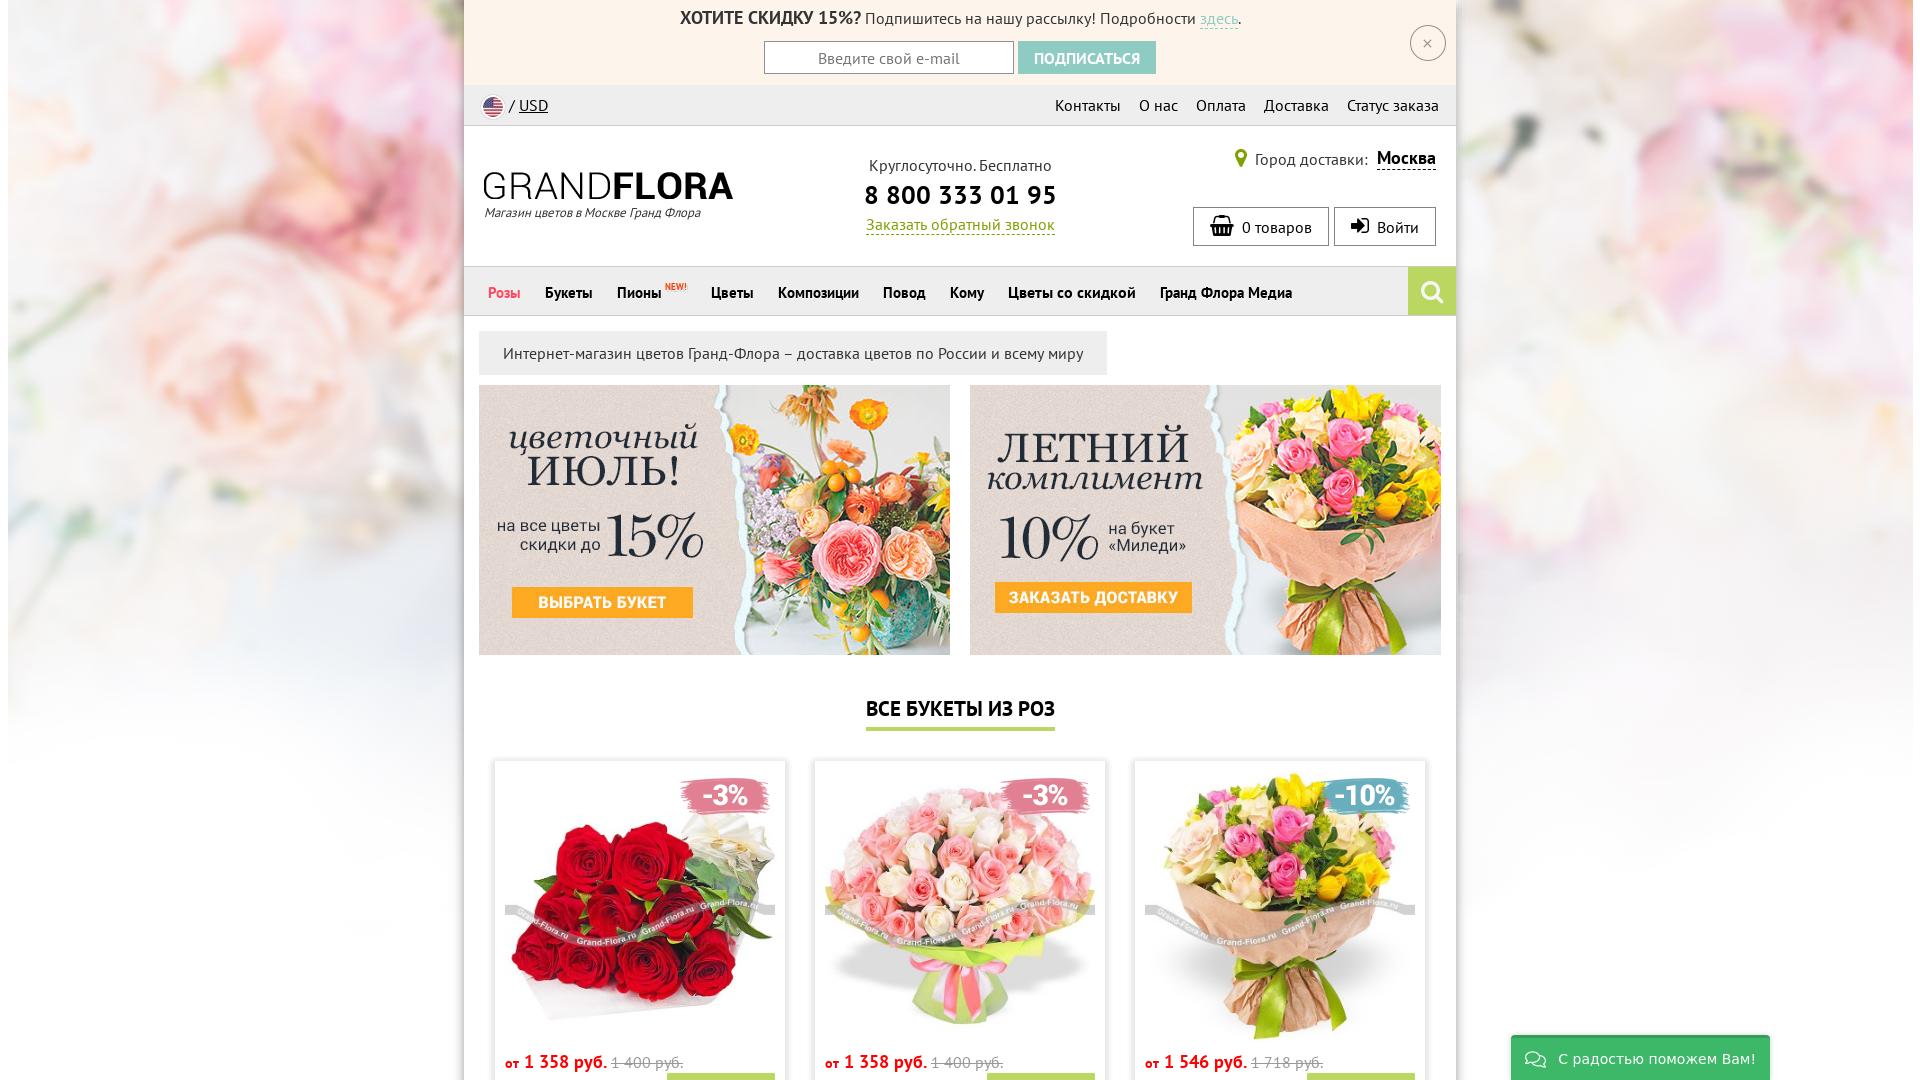 Grand-Flora.ru website